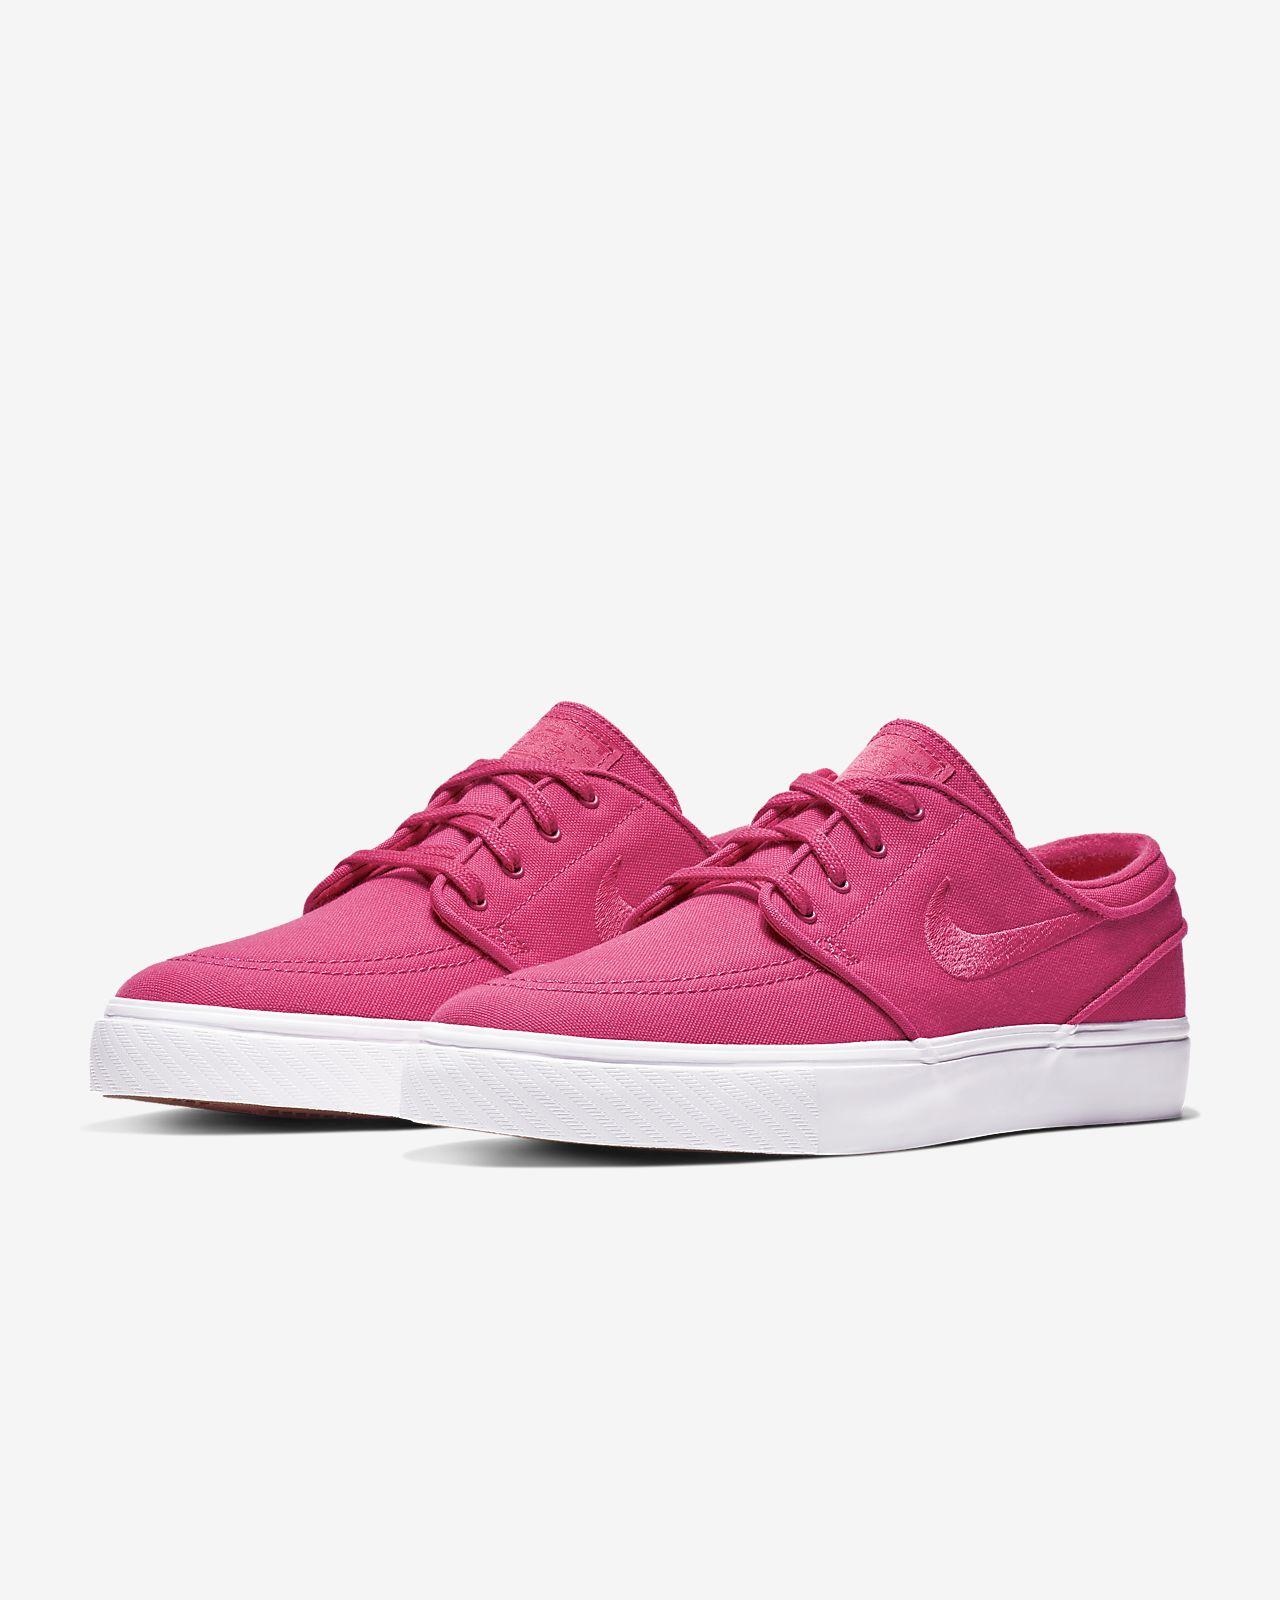 0ee3dc56 ... Nike SB Zoom Stefan Janoski Canvas Zapatillas de skateboard - Hombre